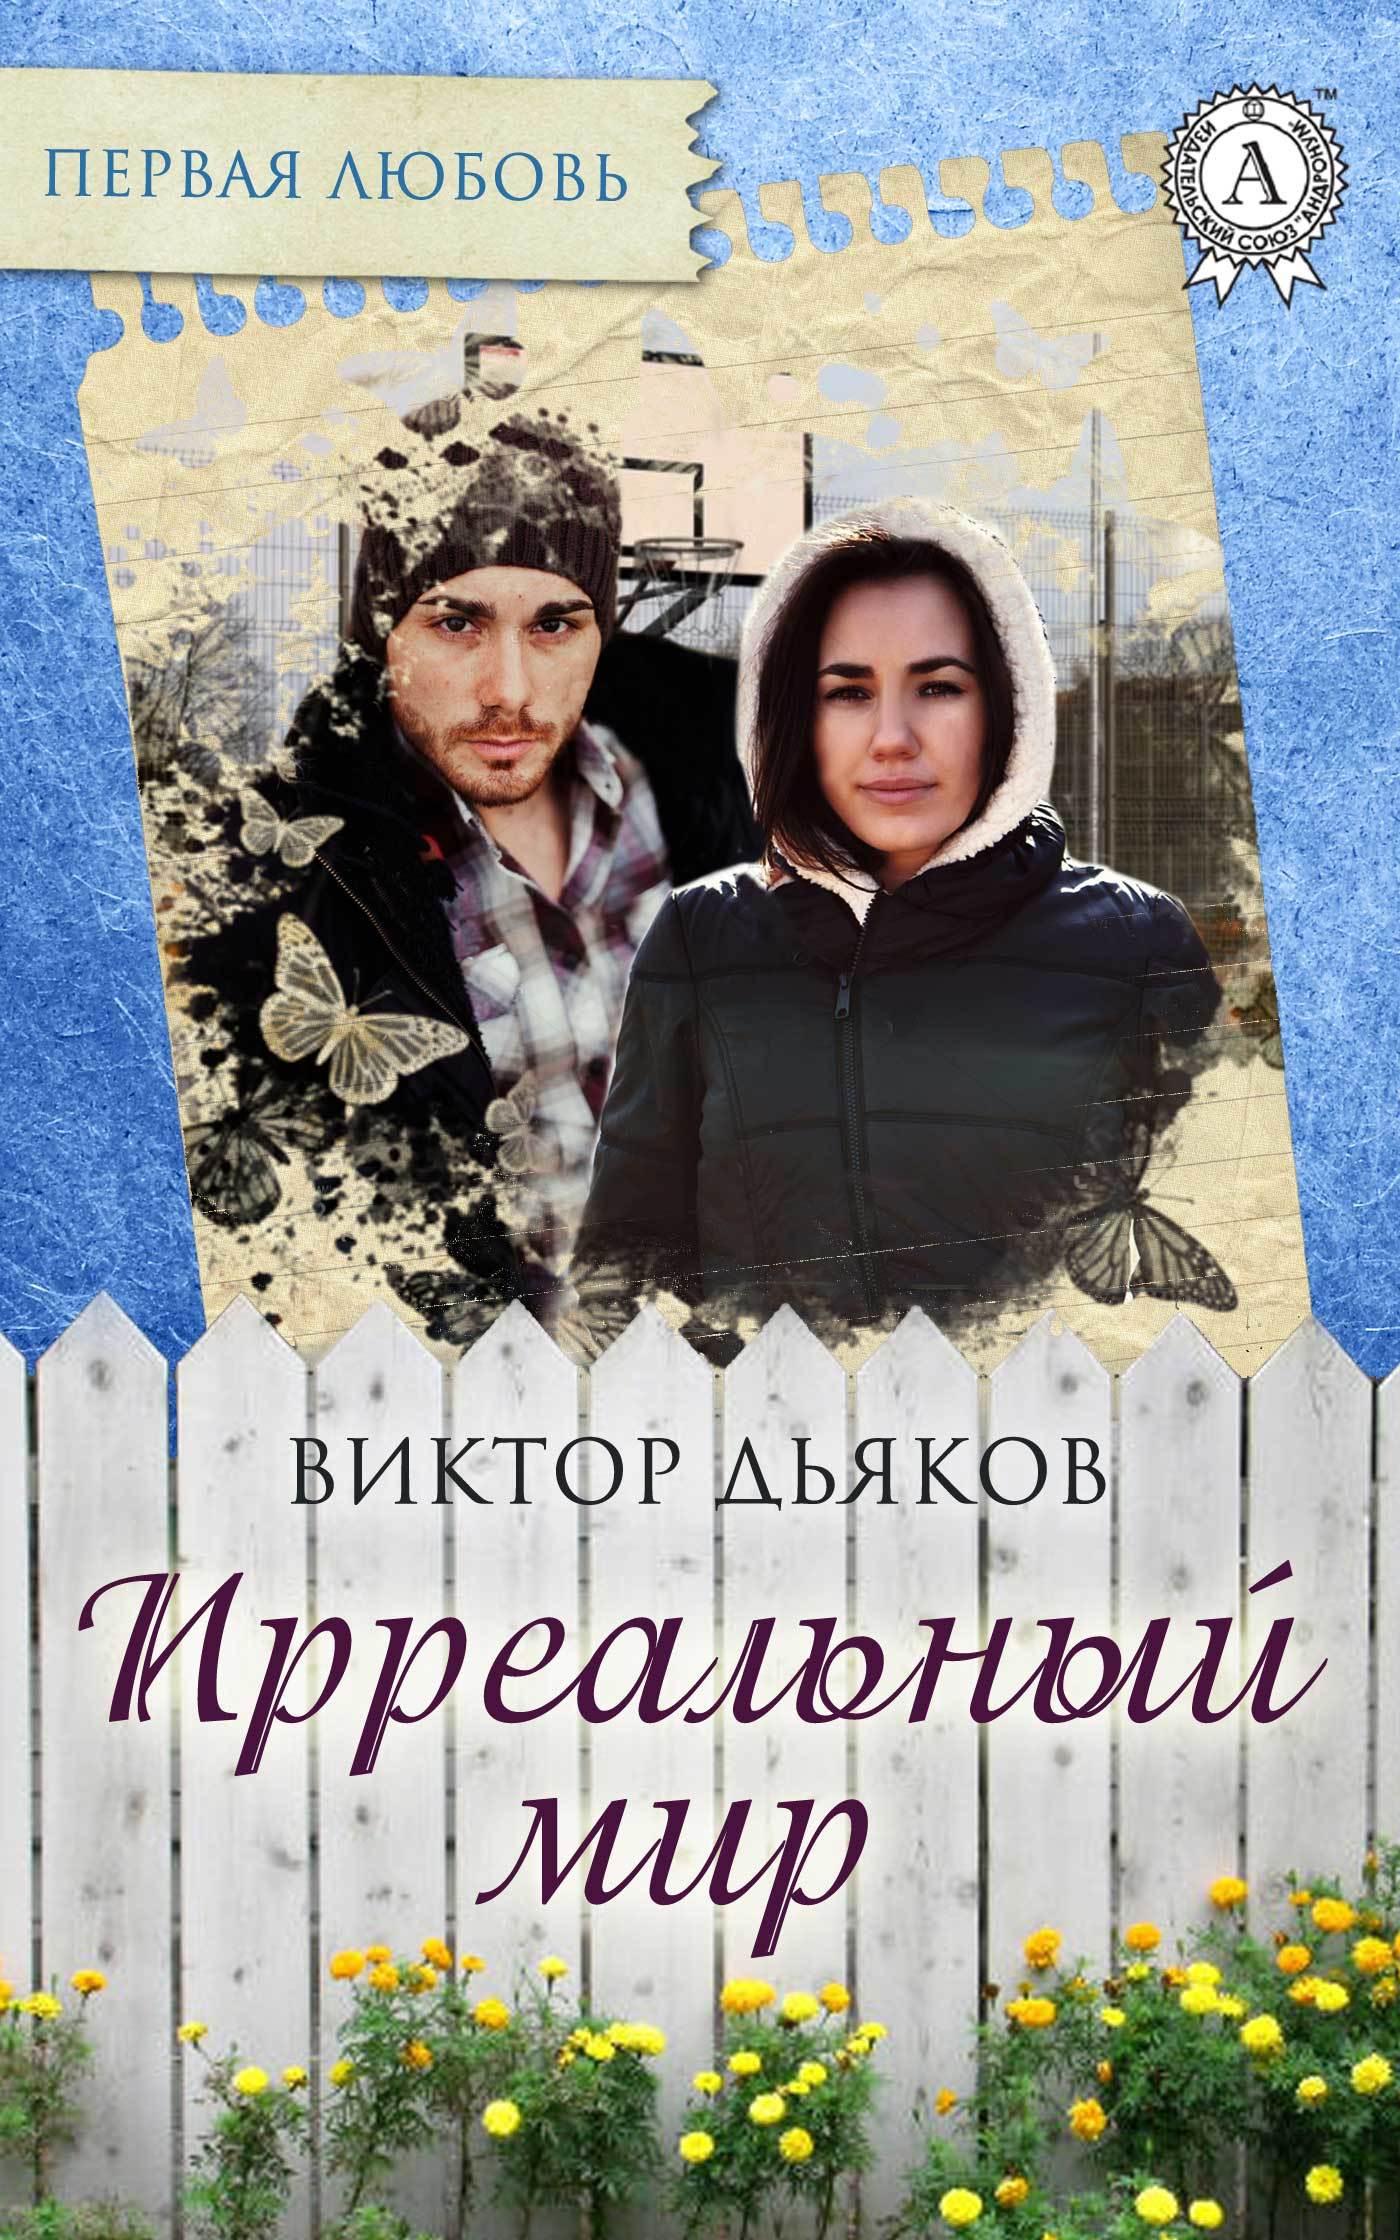 купить Виктор Дьяков Ирреальный мир по цене 149 рублей